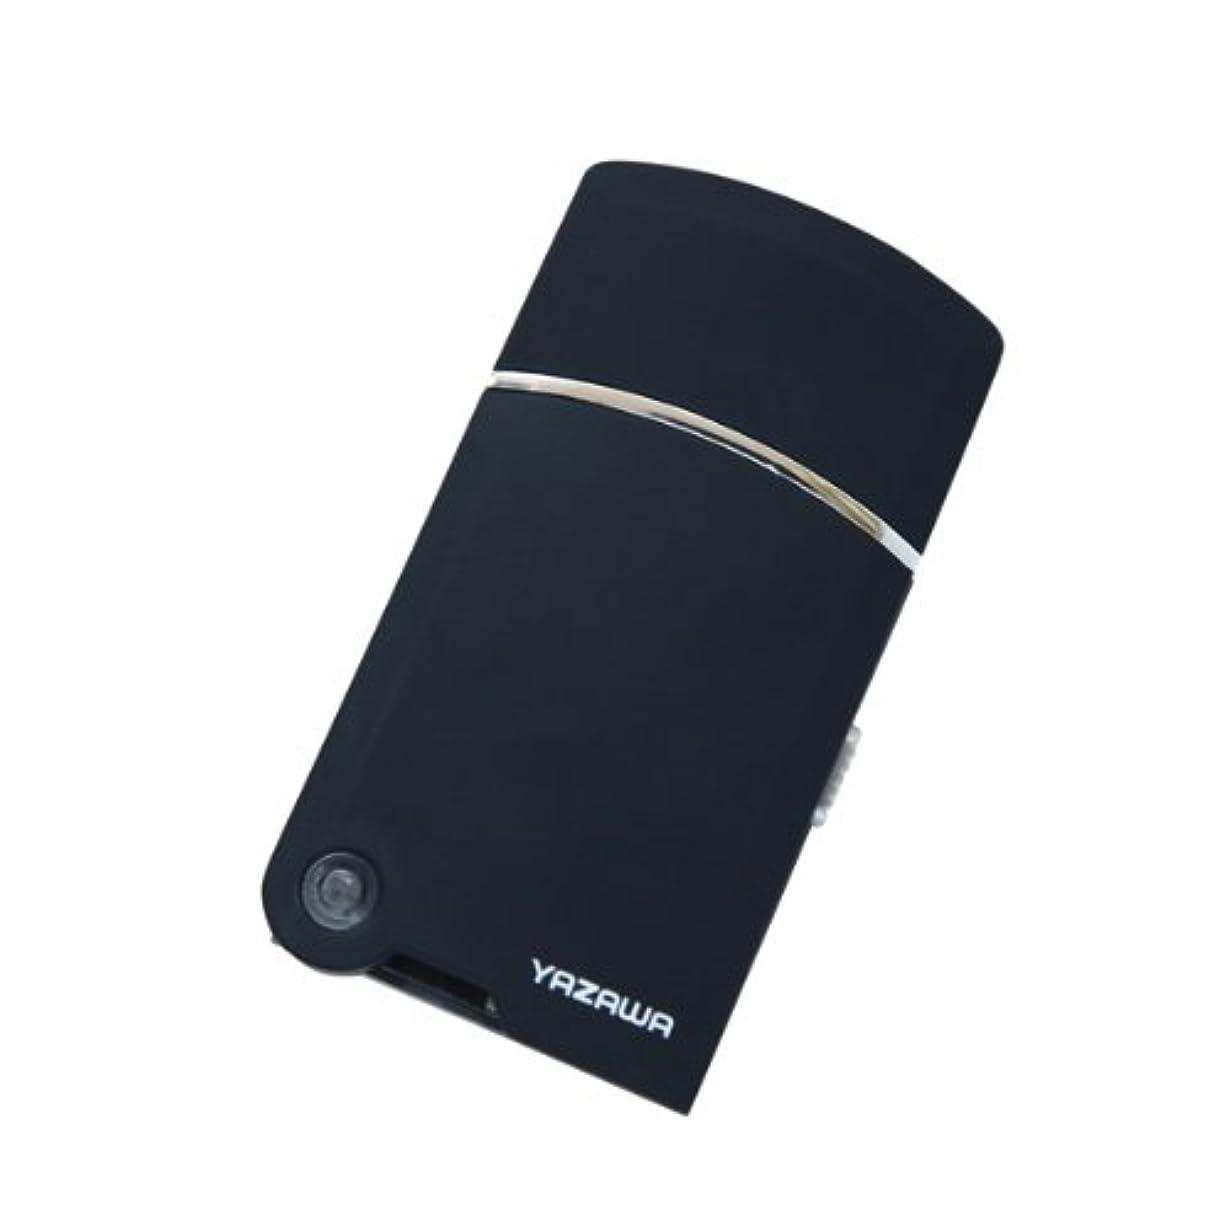 偽装する移住するメンタリティヤザワ トラベルUSBシェーバー USB充電式 掃除用ブラシ付き TVR08BK